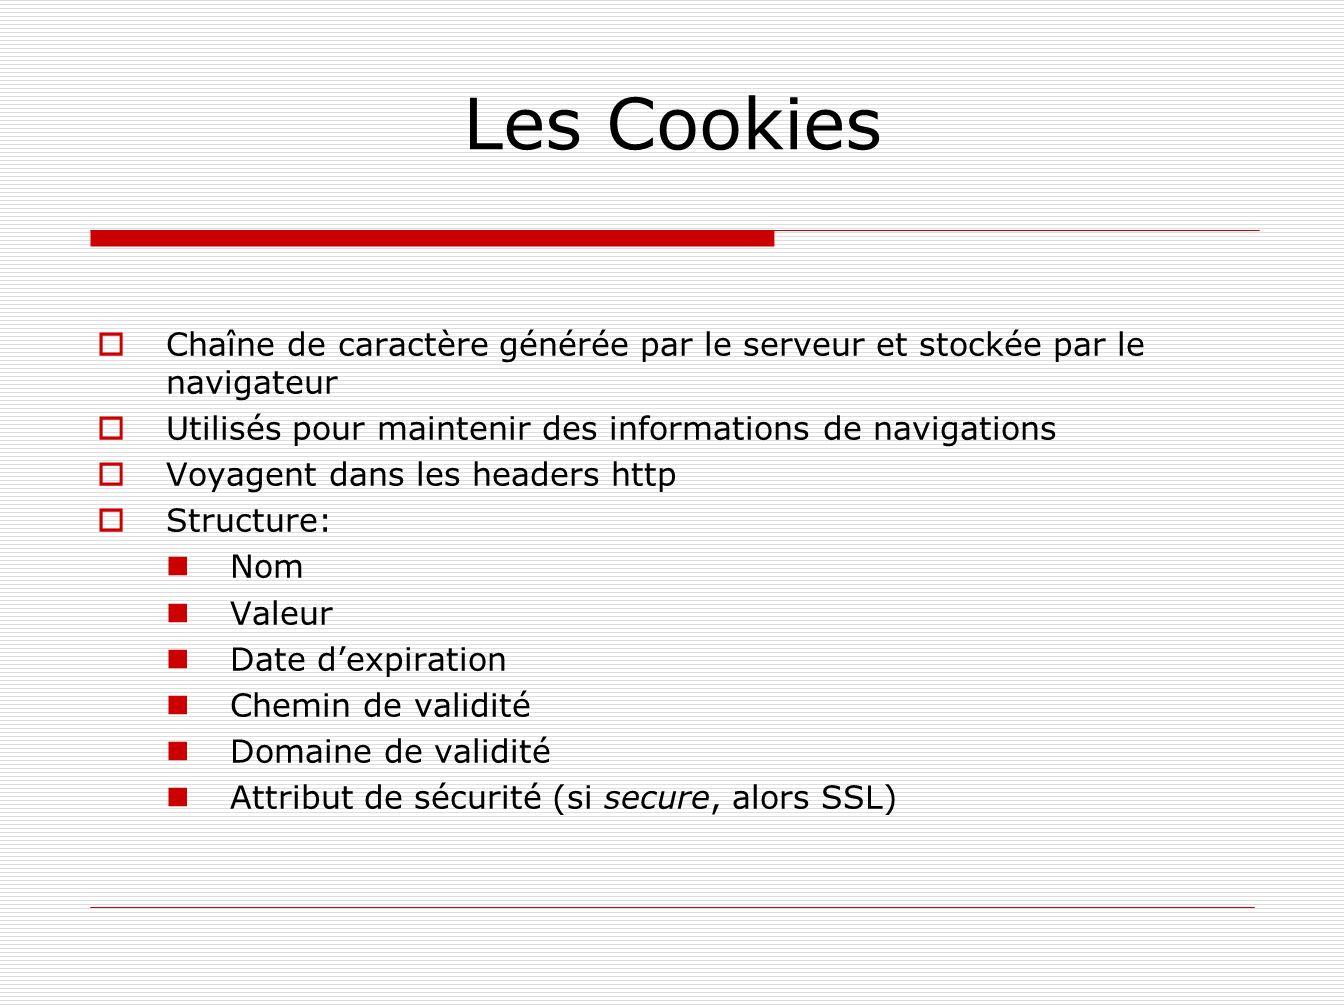 Les CookiesChaîne de caractère générée par le serveur et stockée par le navigateur. Utilisés pour maintenir des informations de navigations.